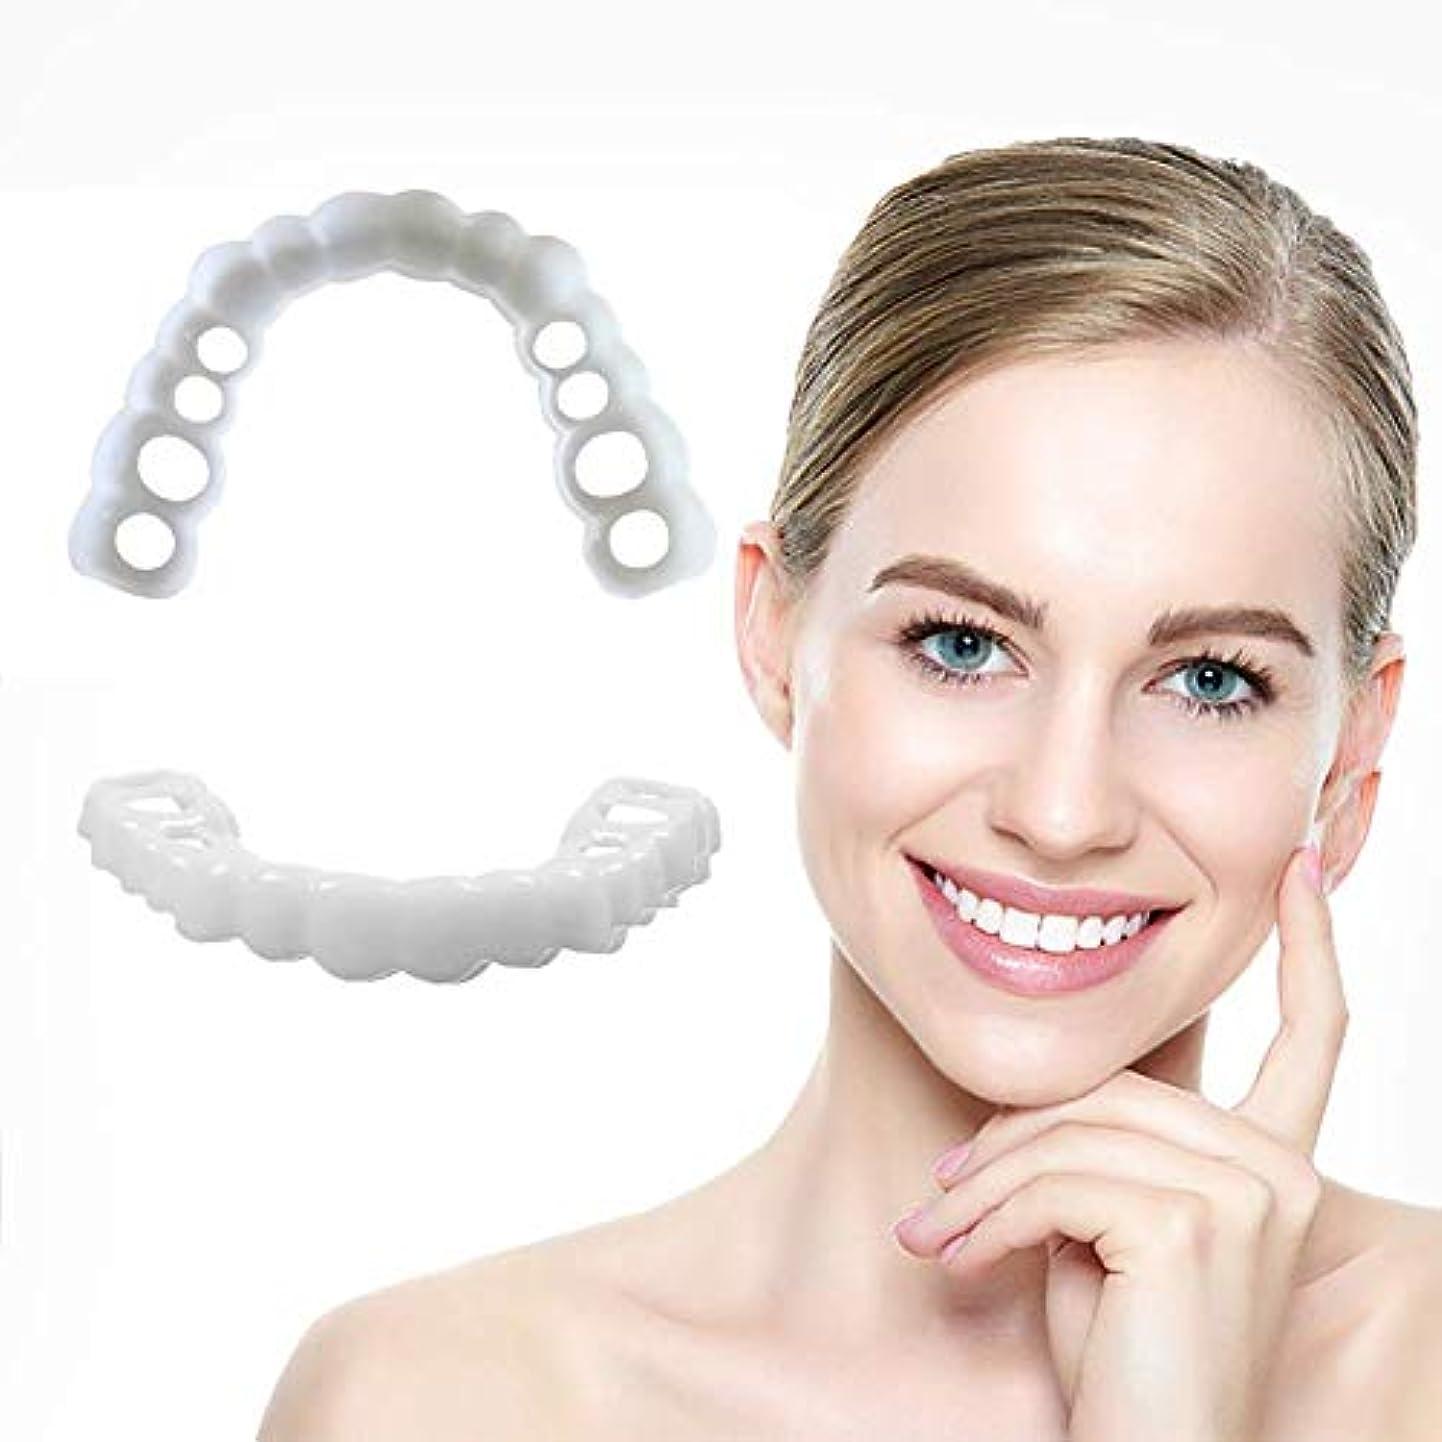 ロードされたコア感謝祭セットの第二世代のシリコーンのシミュレーションの歯科用義歯を白くする上下の歯の模擬装具,10pcs,Lowerteeth